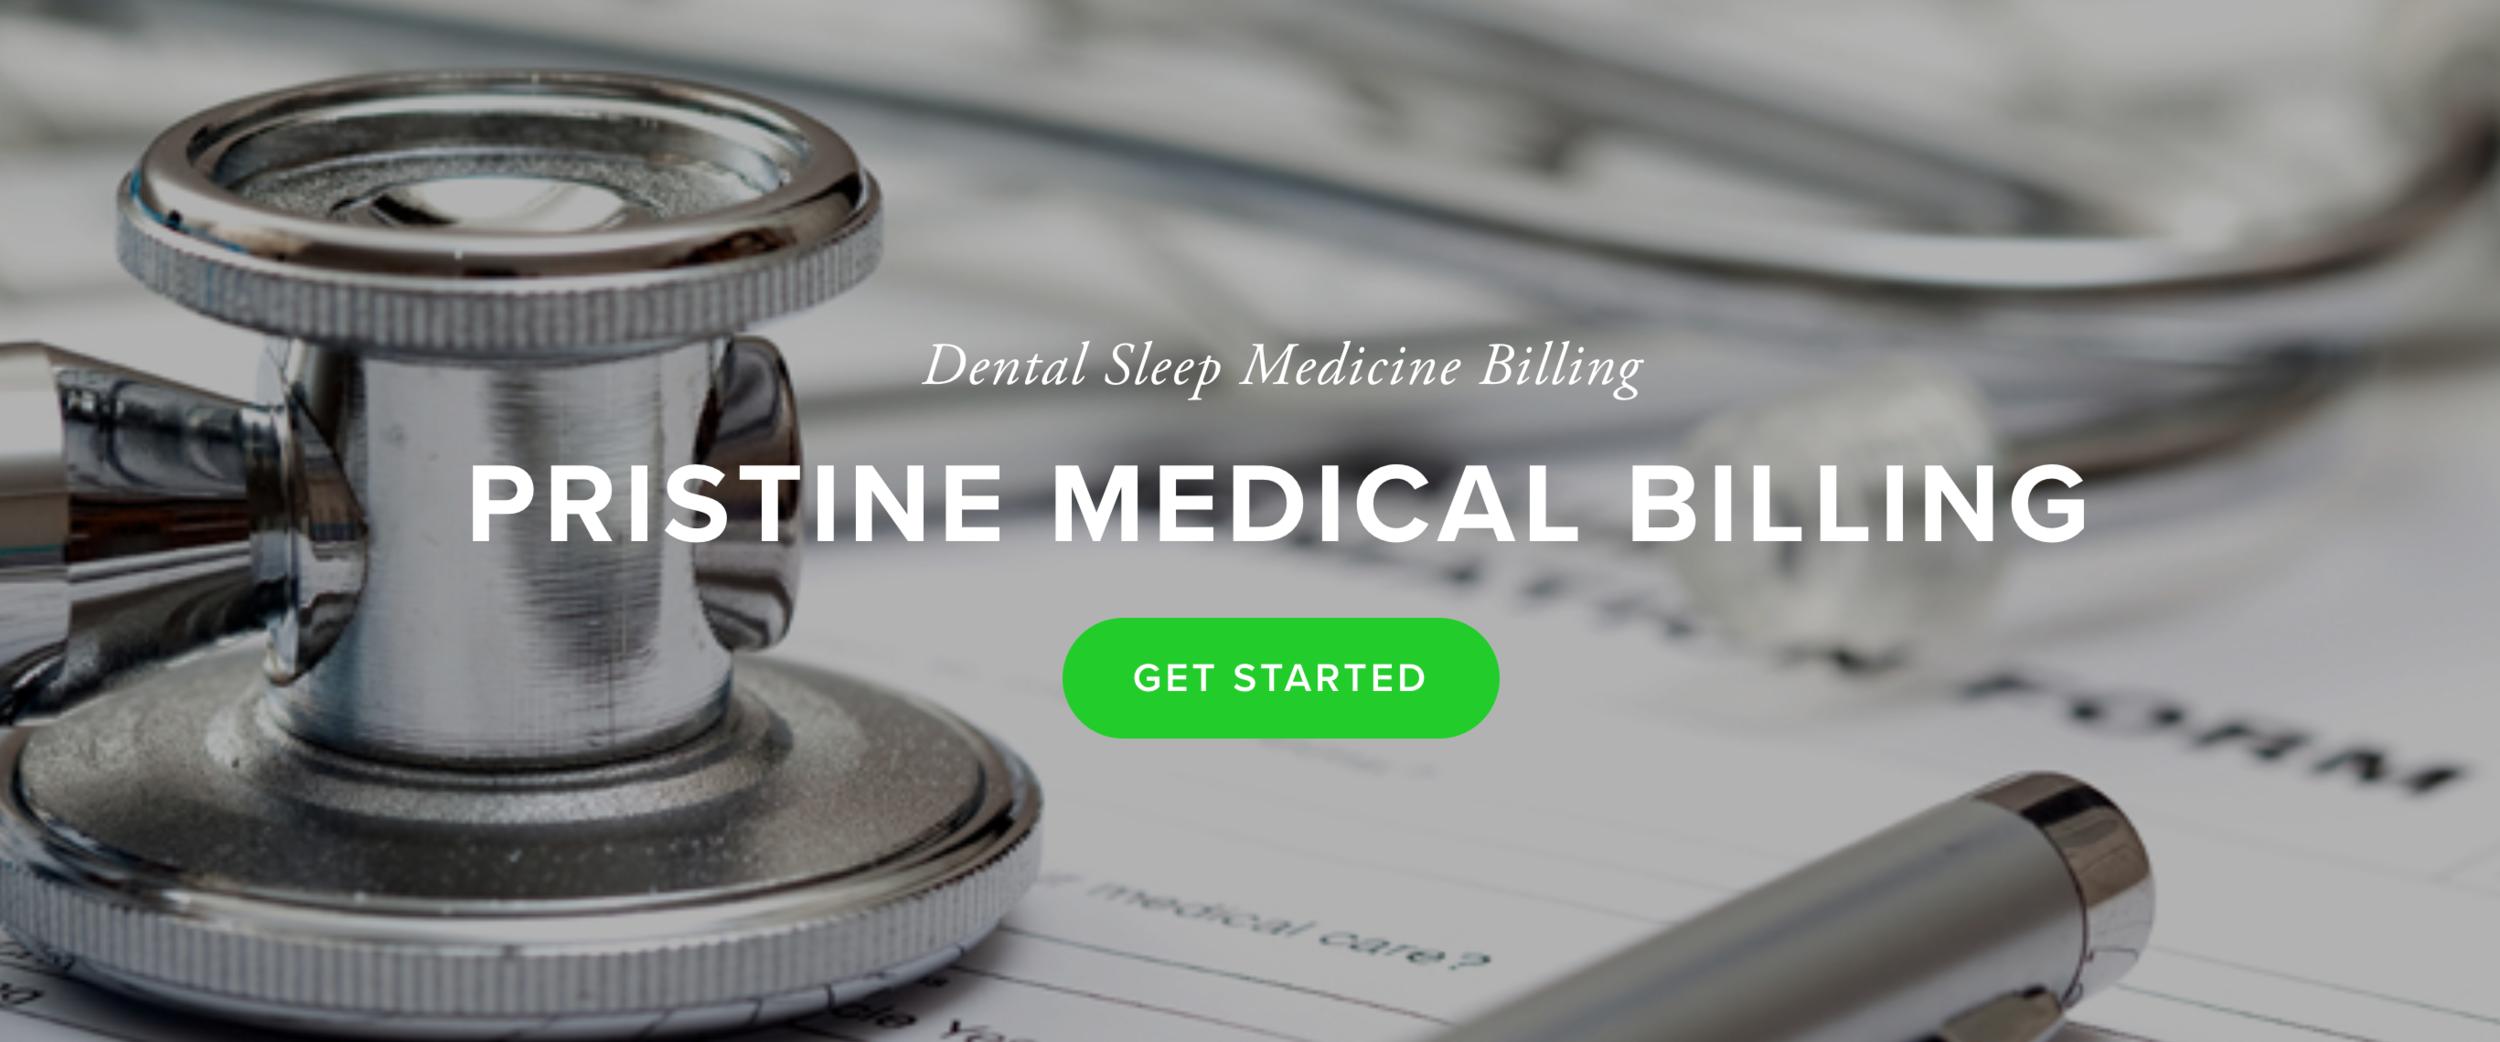 Pristine Medical Billing.png